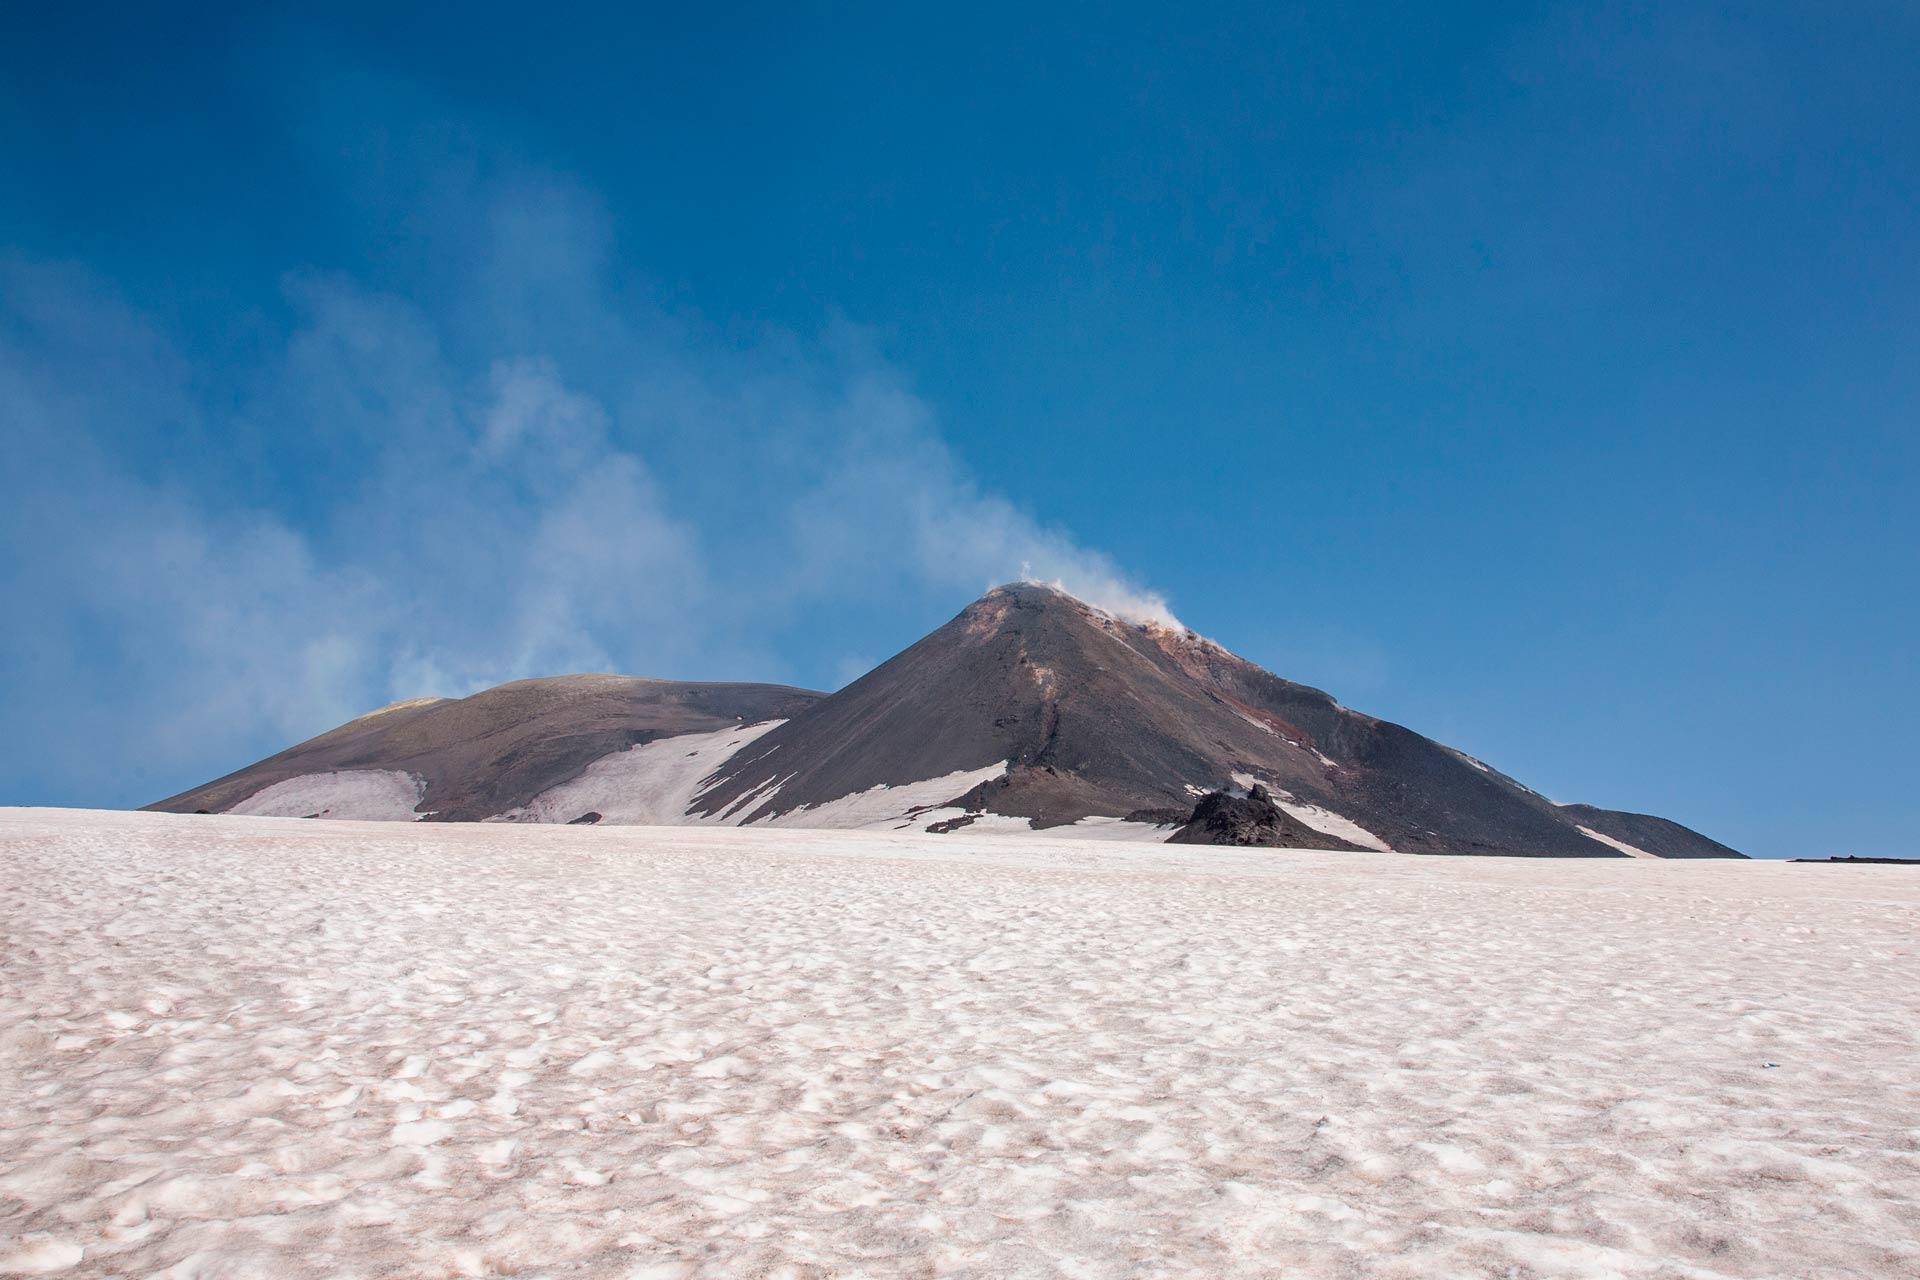 Ci troviamo di fronte ad un incomparabile scenario sospeso sul mare, nel quale è possibile ammirare l'imponente cratere centrale, il cratere di Sud-Est e le storiche colate laviche che caratterizzano il paesaggio etneo.